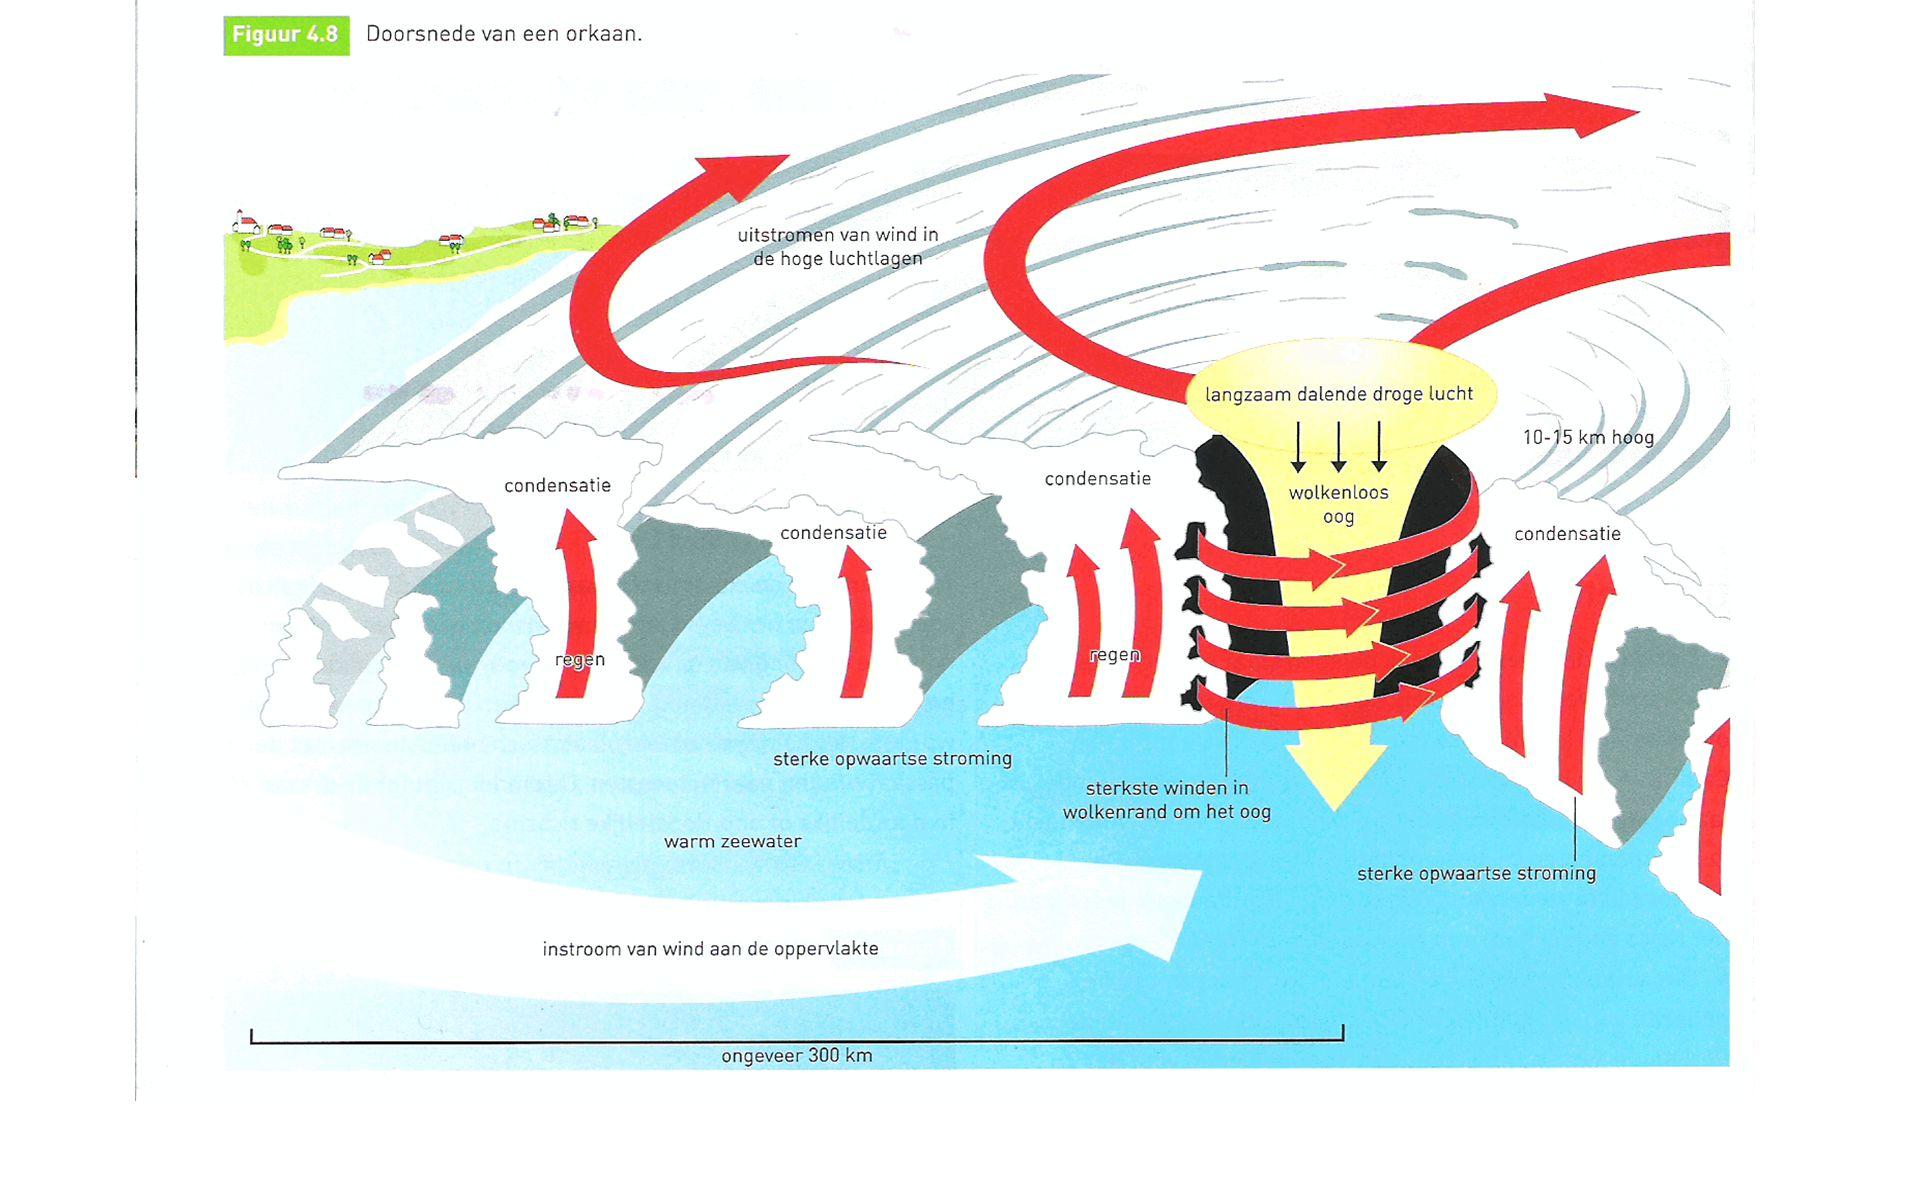 Kenmerken van een orkaan: - Ontstaat boven warm zeewater - Kilometers groot - Oog is windstil - Dooft boven land